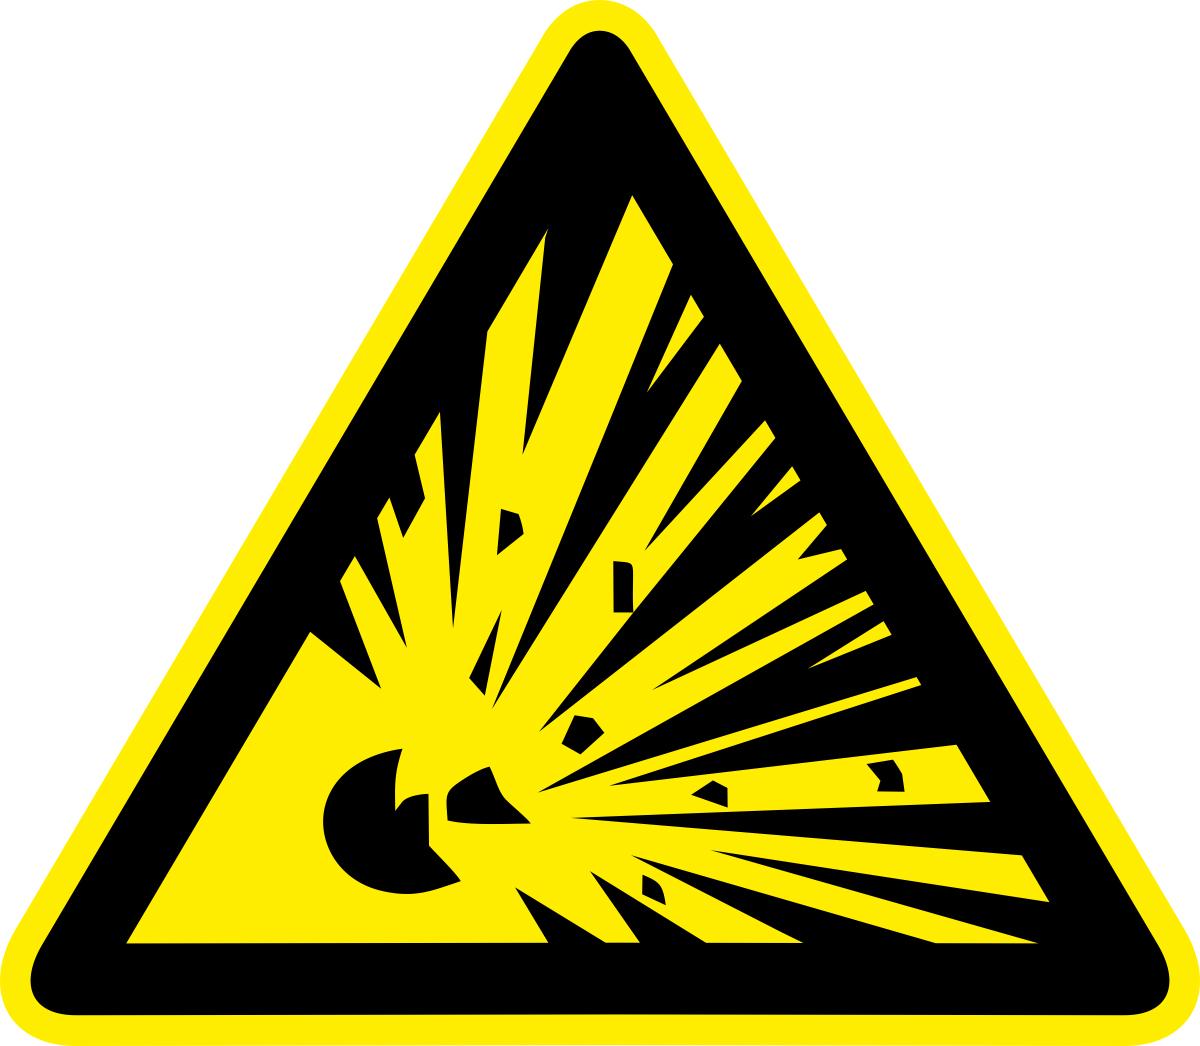 Наклейка информационная Оранжевый Слоник Взрывоопасно, 15 х 15 смINW002RGBИнформационные наклейки предназначенны для предупреждения людей о непосредственной или возможной опасности, запрещения, предписания или разрешения определенных действий, а также для информации о расположении объектов и средств, использование которых ислючает или снижает воздействие опасных и (или) вредных факторов.